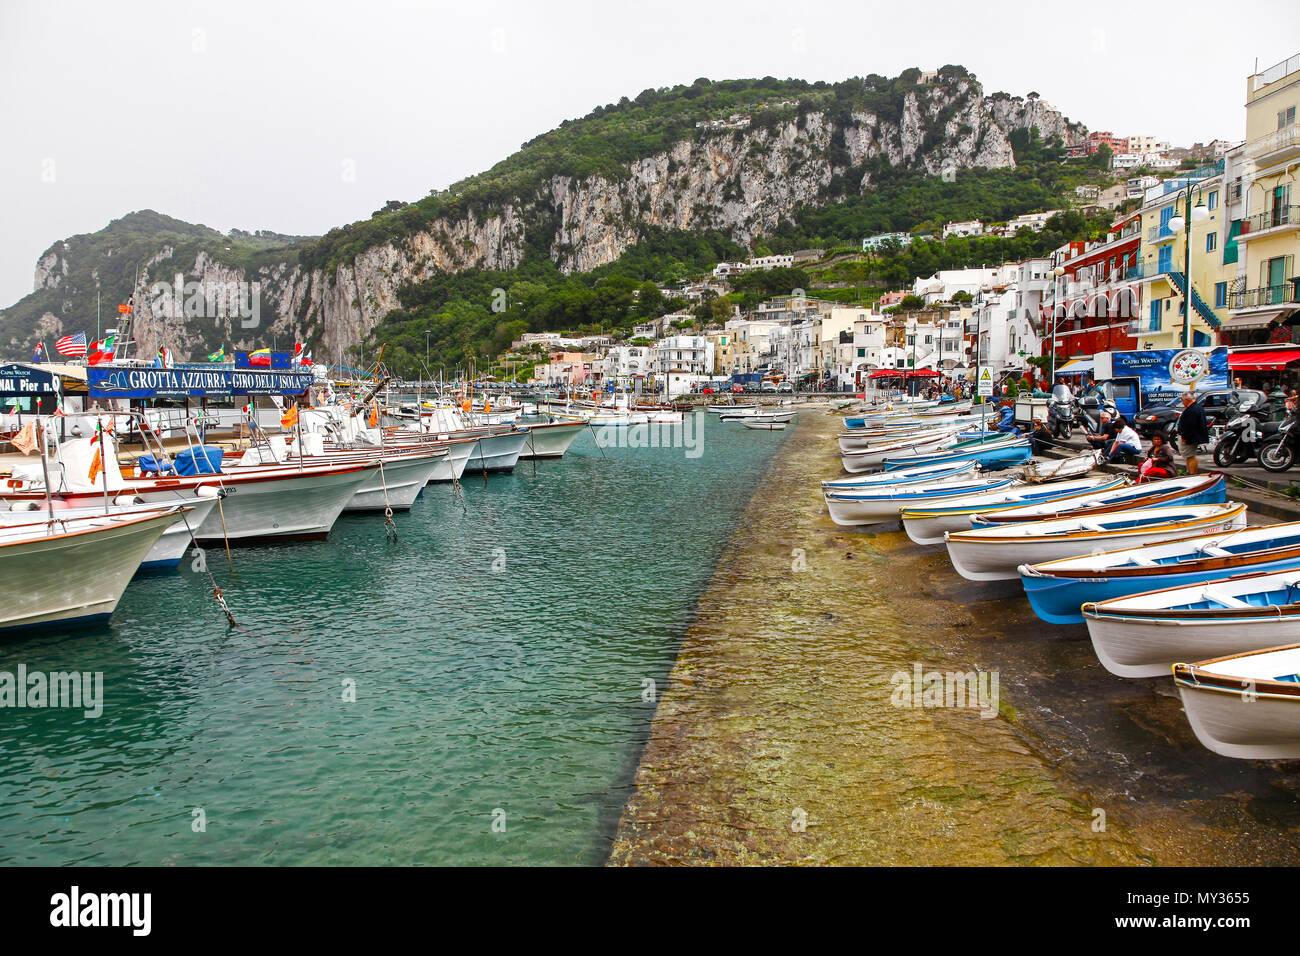 Boats in The Marina Grande on the island of Capri, Campania, Italy - Stock Image